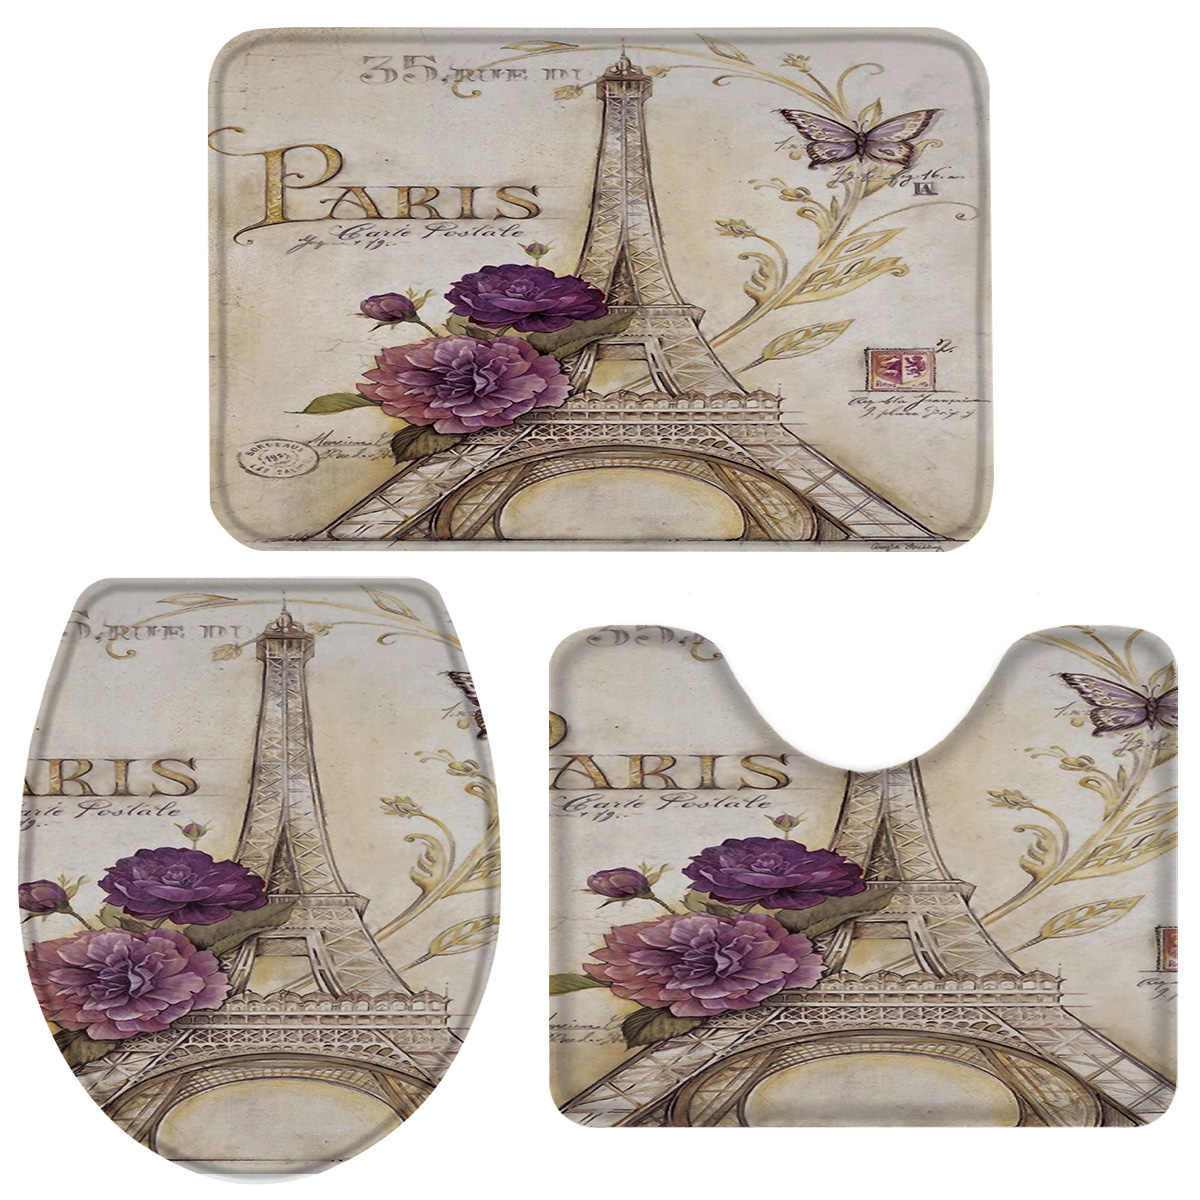 7 Pieces Bathroom Set Paris Flowers Butterfly Bath Set Toilet Cover Mat  Pedestal Rug Non-Slip Bathroom Rug Set